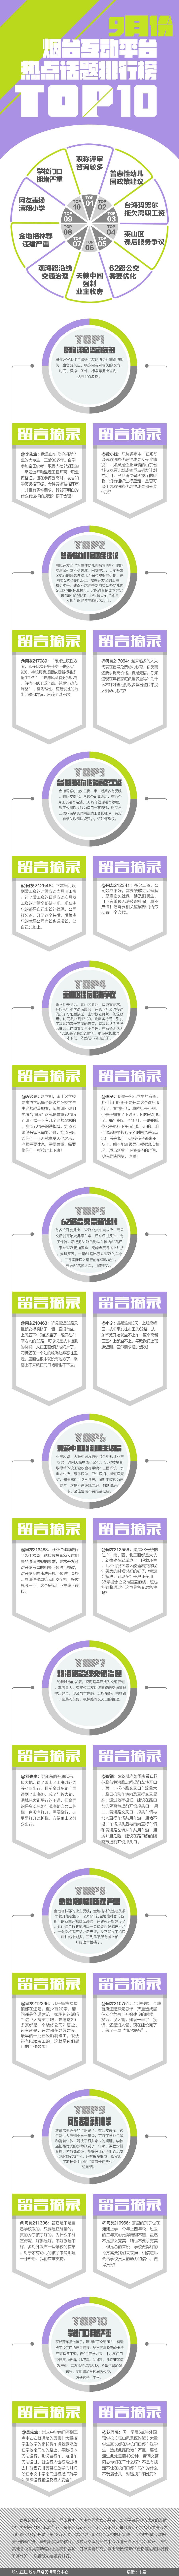 9月烟台互动平台热点话题排行榜top10